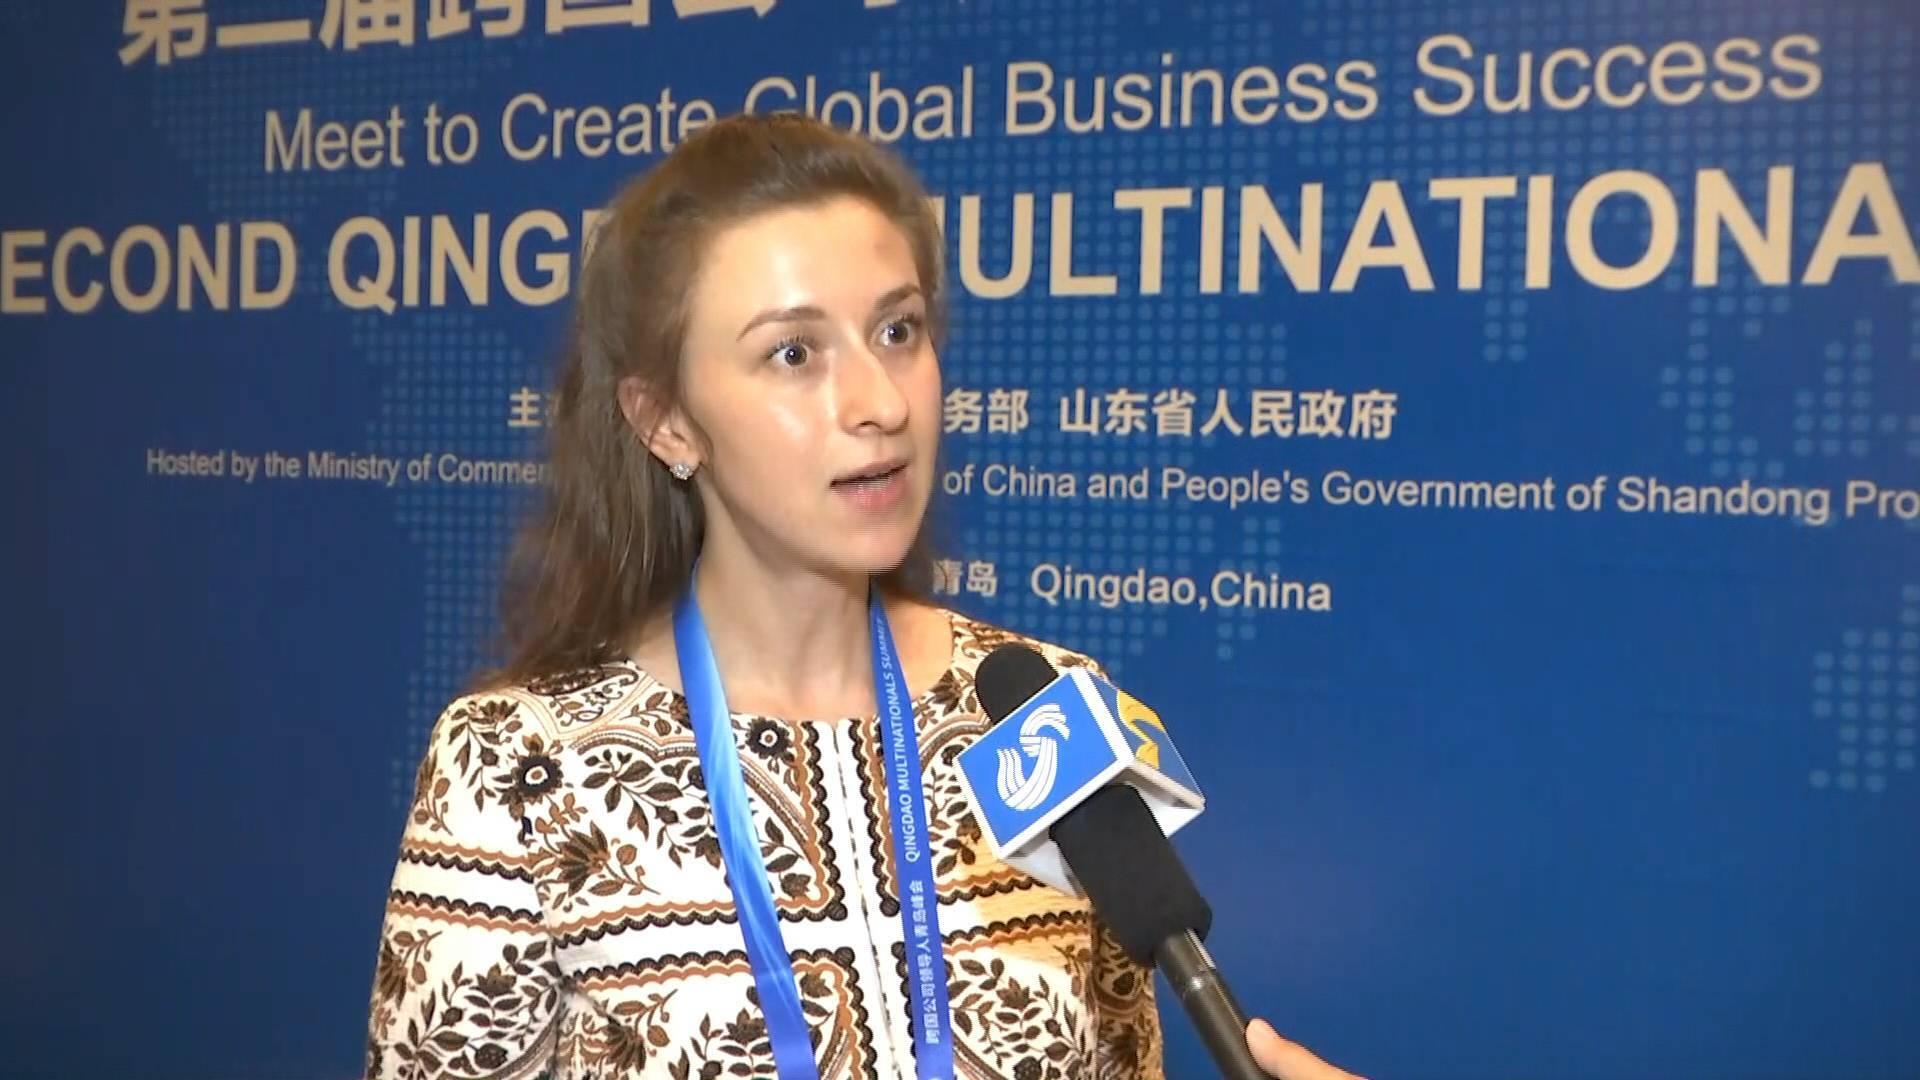 外媒点赞山东|迪拜中阿卫视驻华记者蔼霖娜:参会跨国公司众多期待阿拉伯企业家投资山东